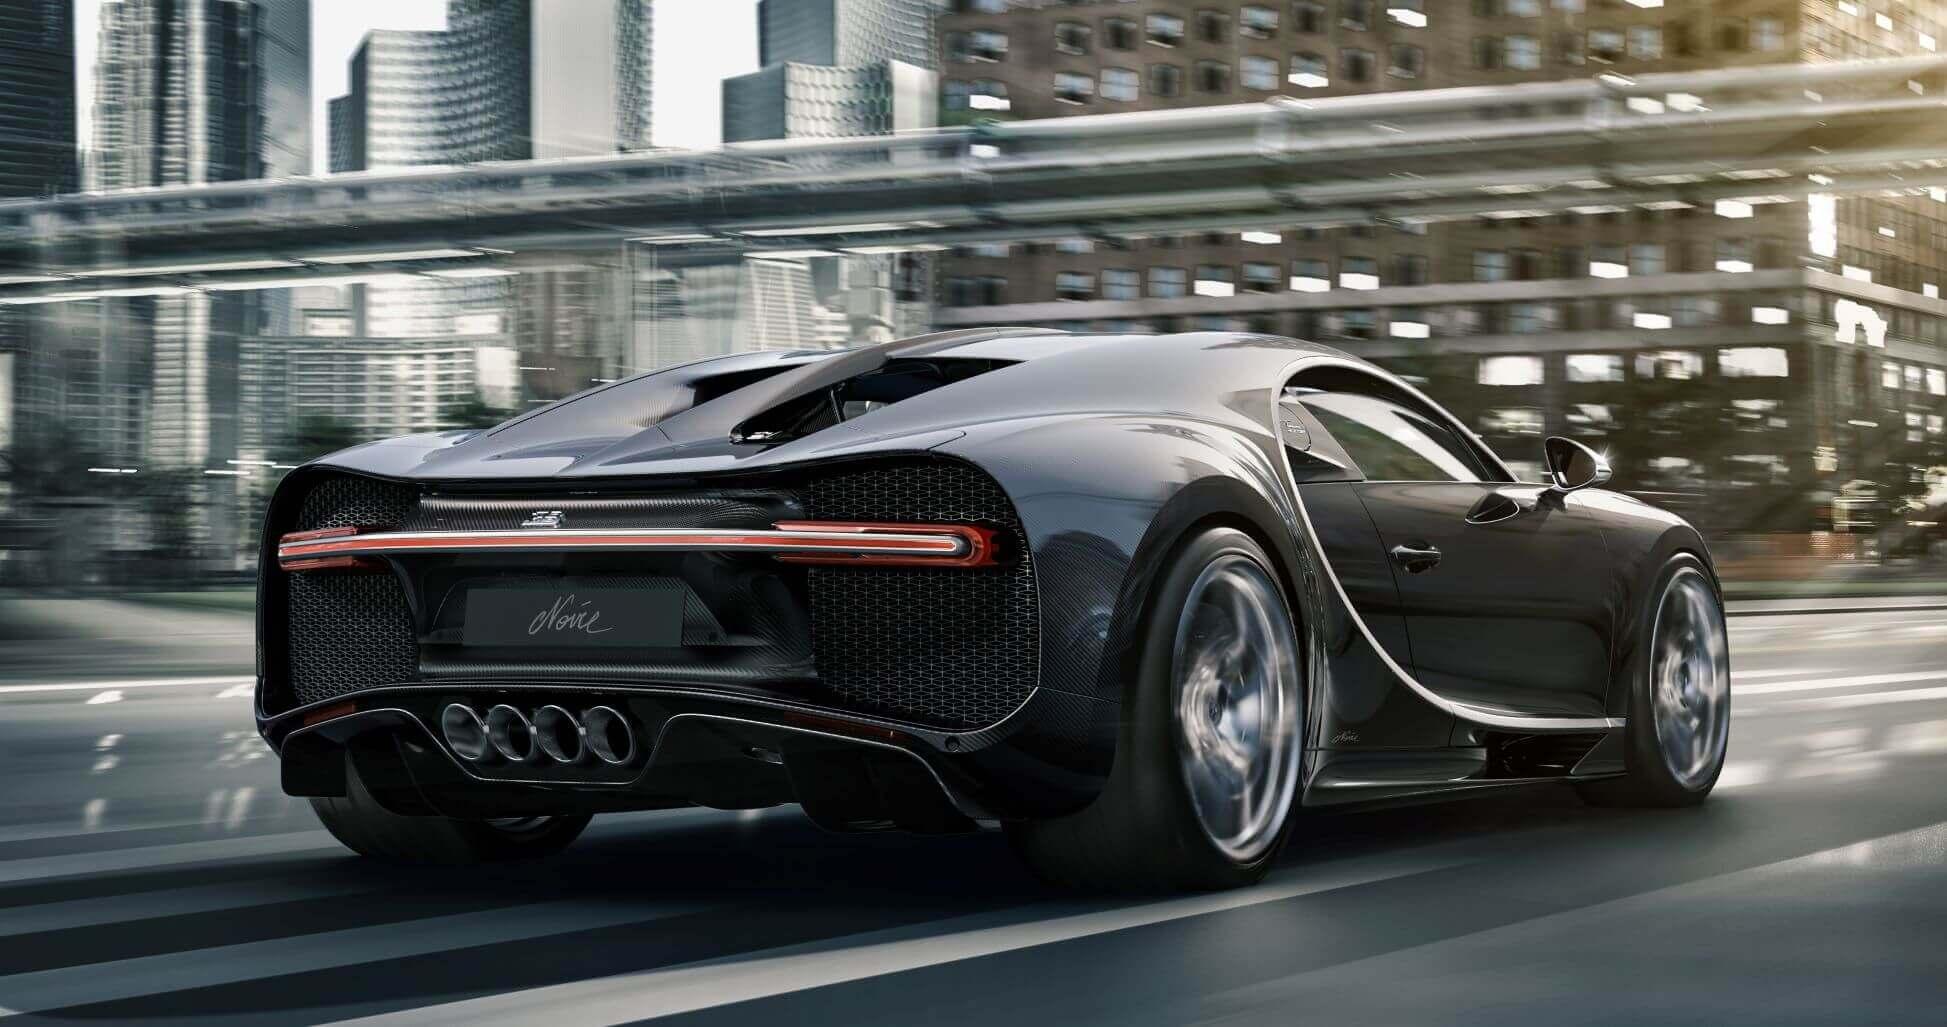 Trasera del Bugatti Chiron Noire.